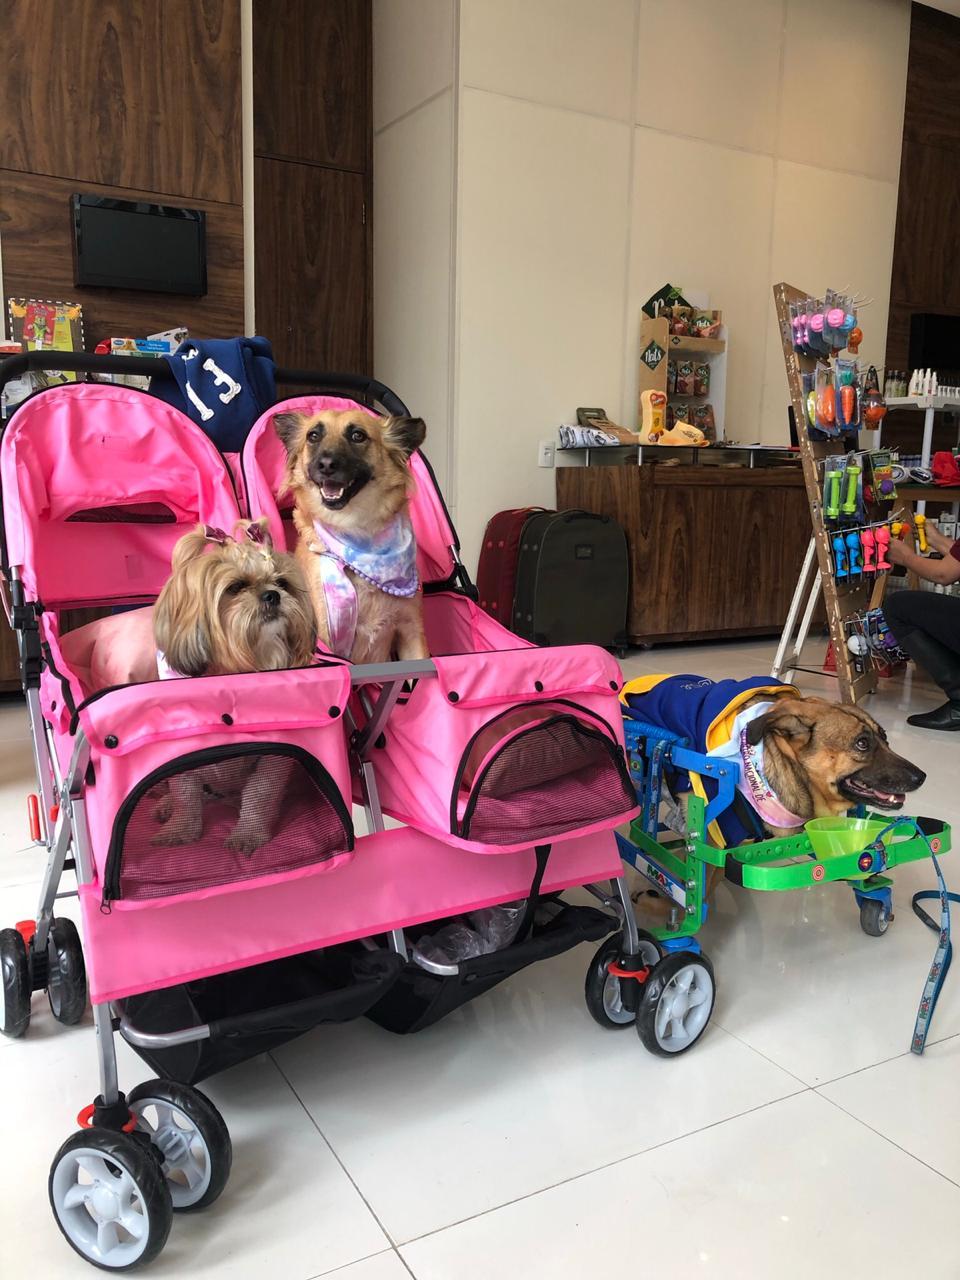 Turma de cães deficientes em seus carrinhos